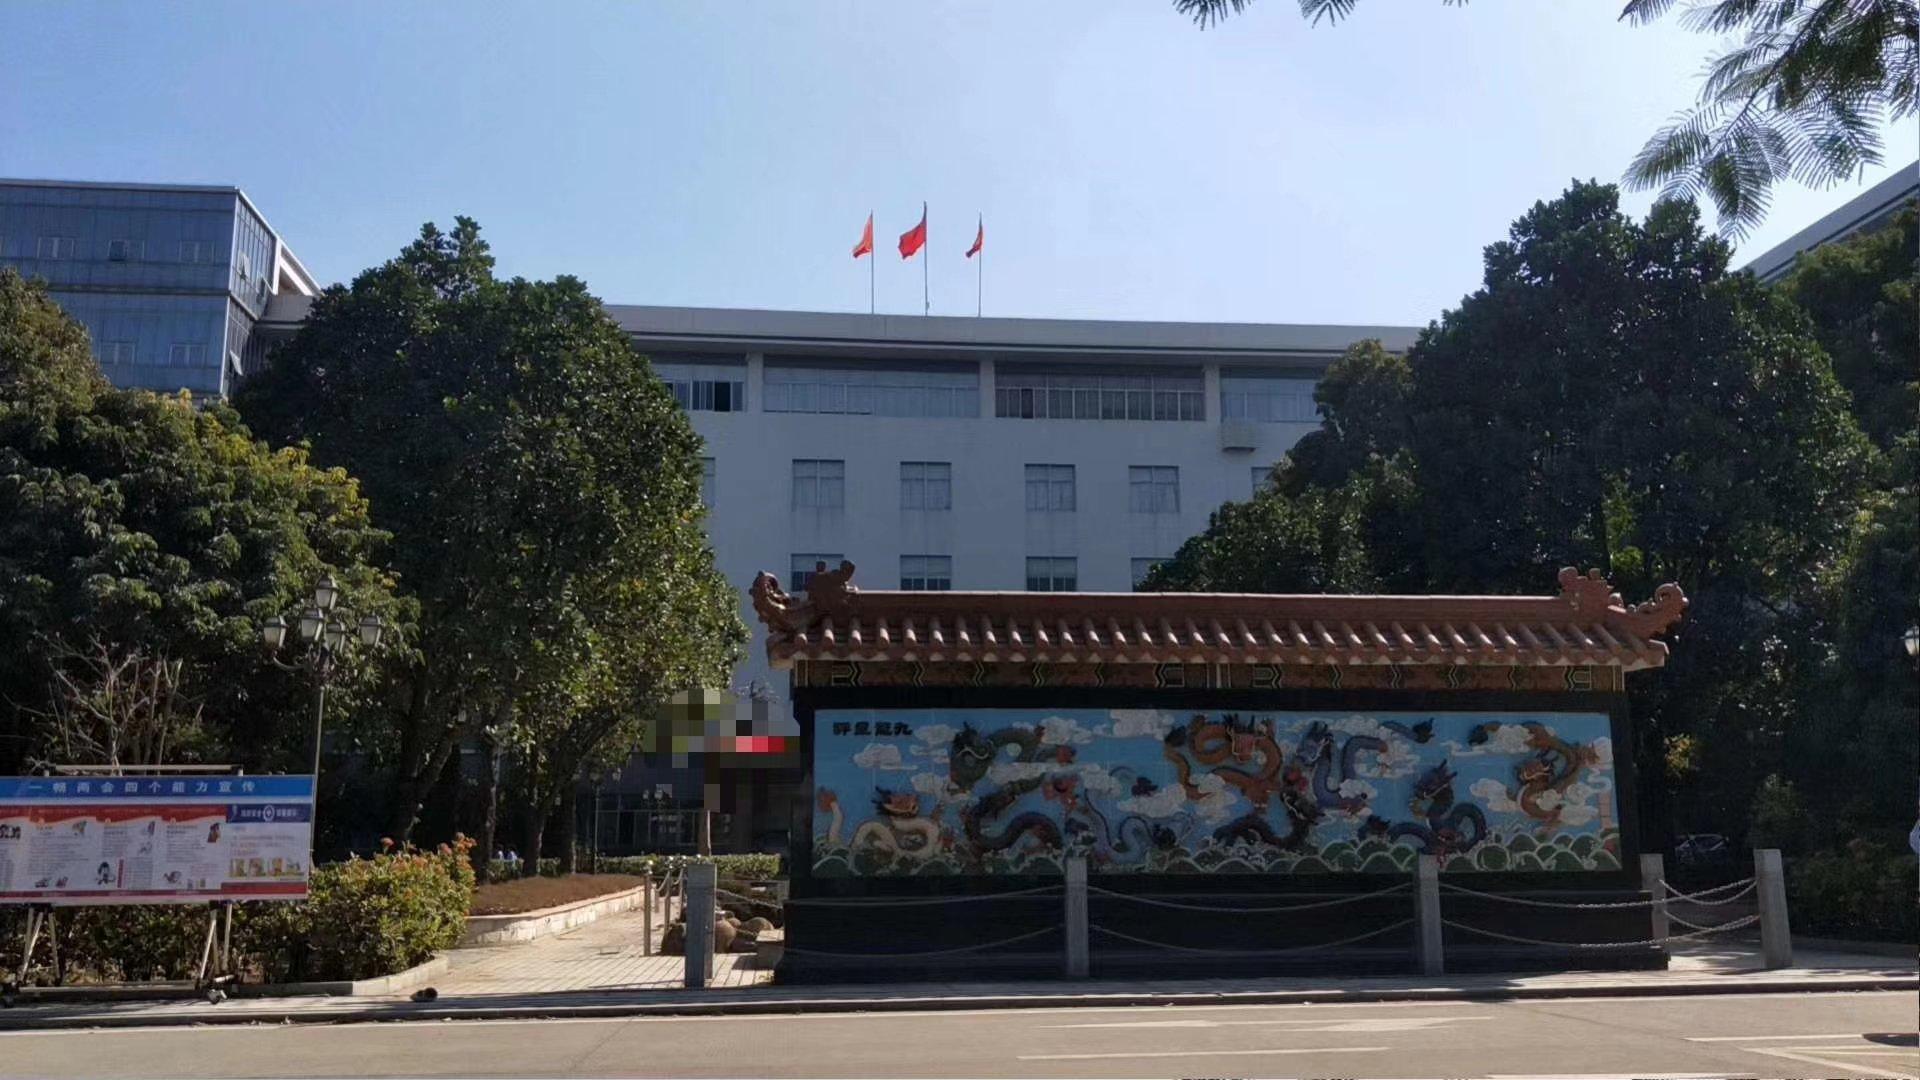 深圳市松岗罗田原房东高新产业园新出二楼2700平米厂房出招租